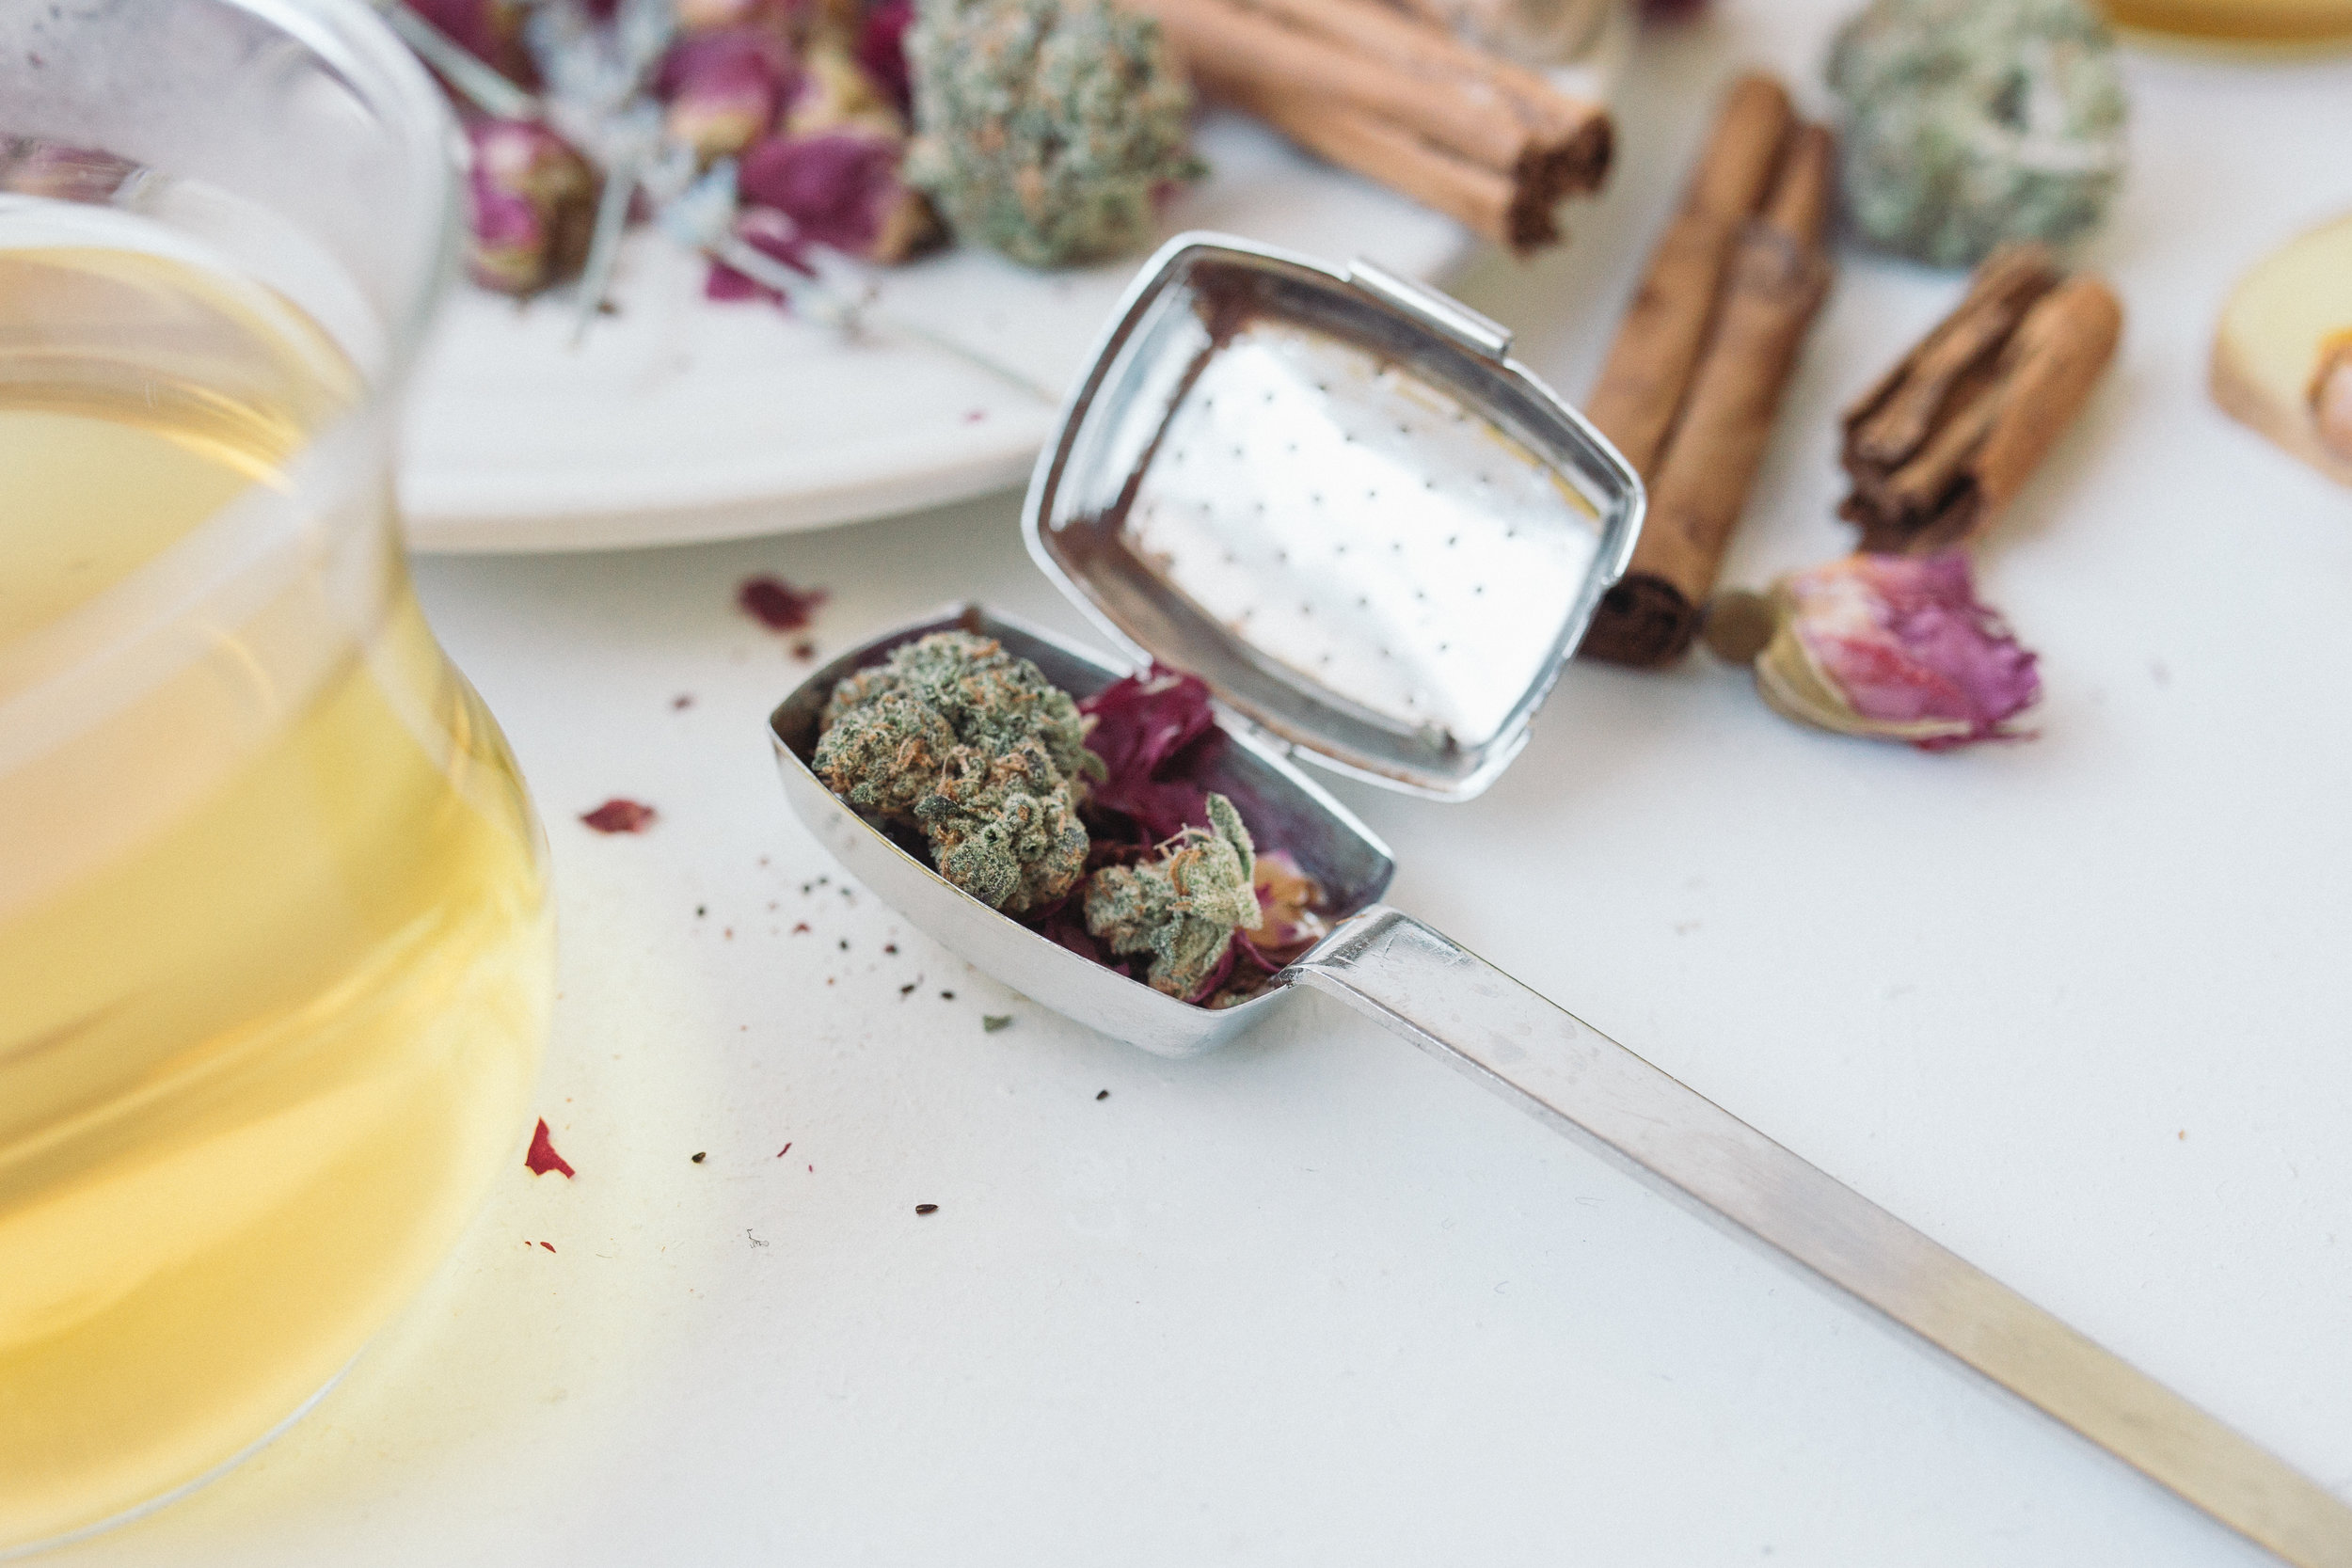 SousWeed_Leafly_CannabisTea-6169.jpg